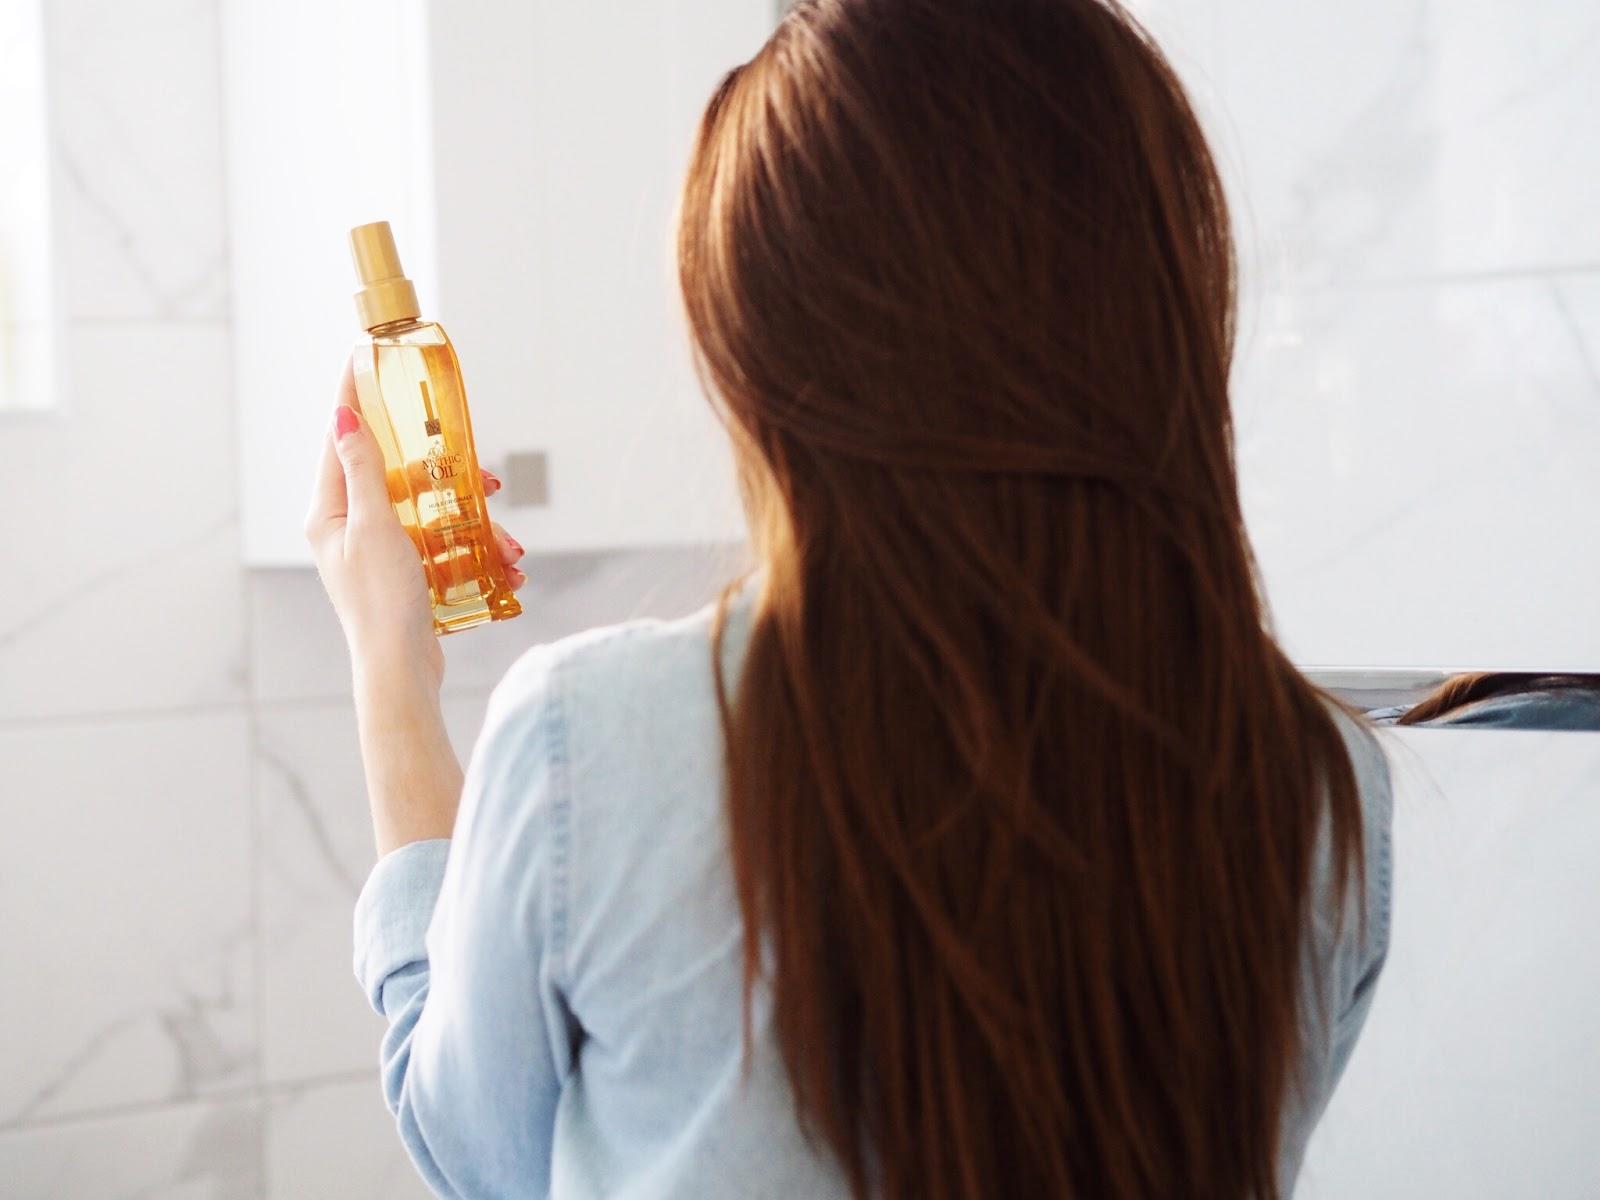 L'Oréal professionnel mythic oil review